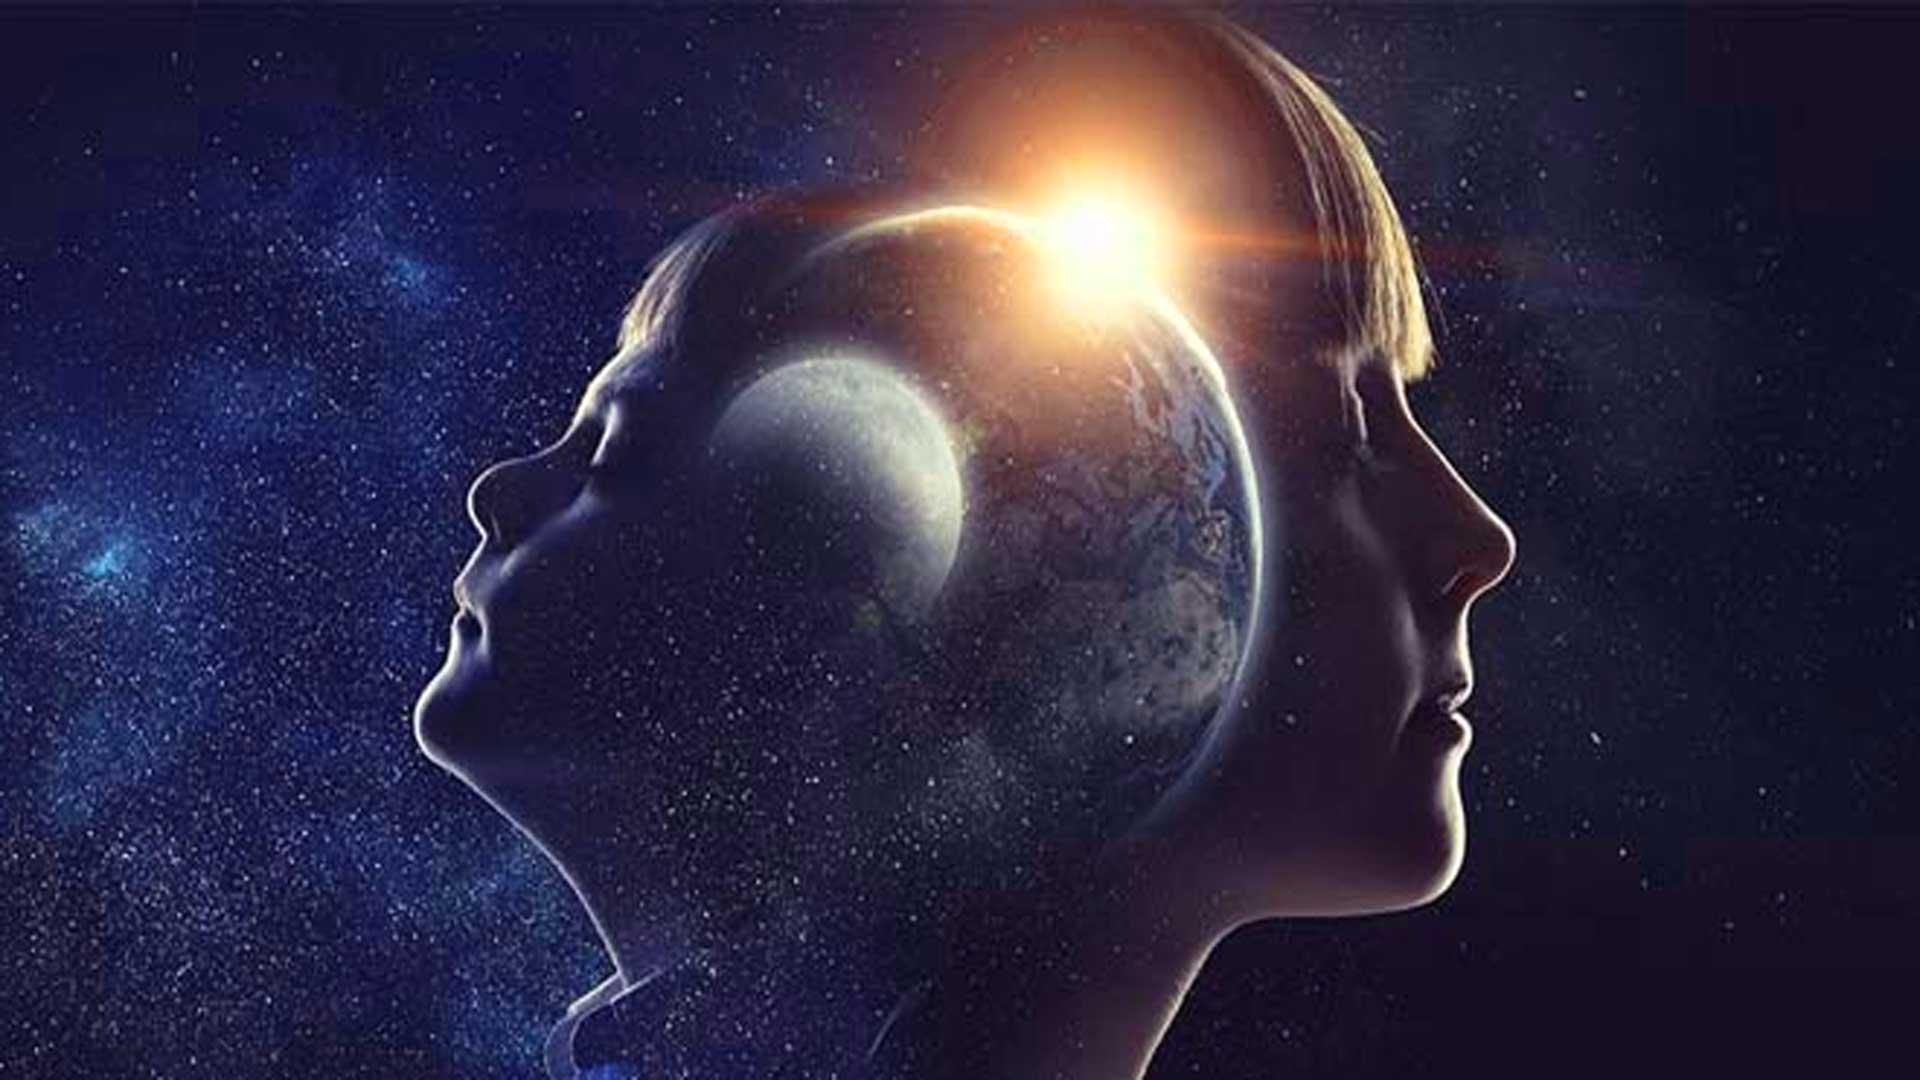 Verdades y mitos de la Reencarnación ¿Qué podemos creer realmente?